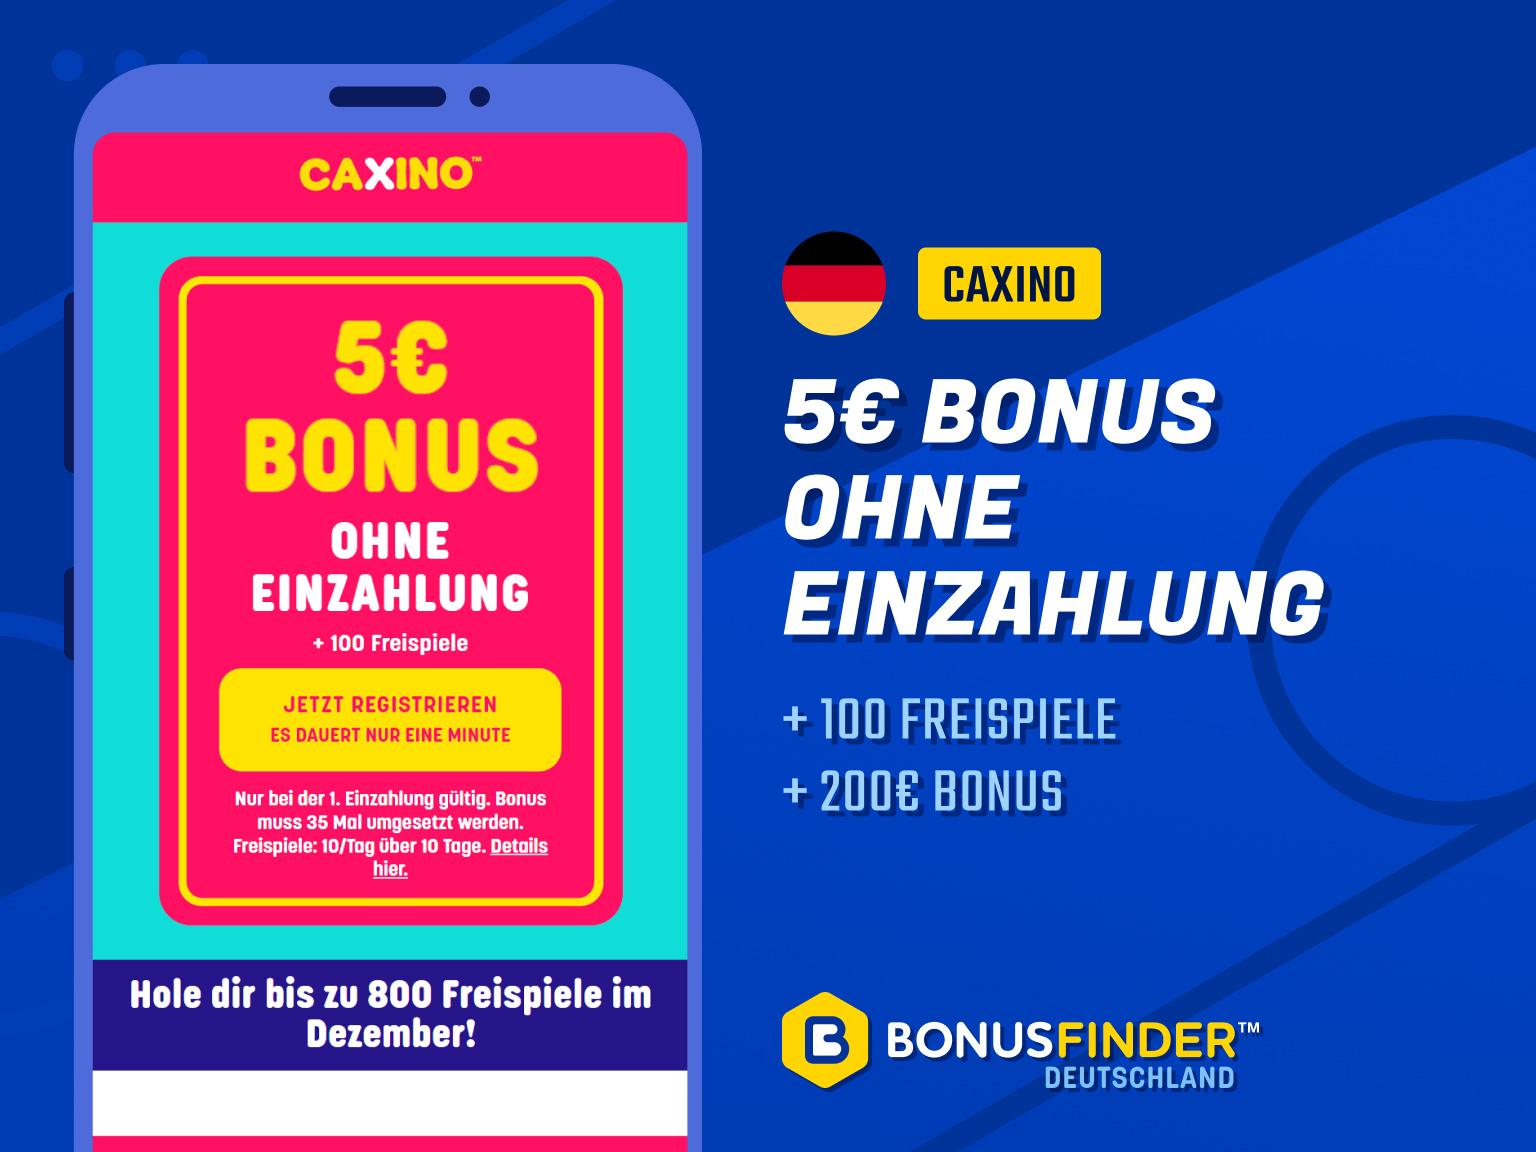 Caxino Bonus 2021 200 100 Freispiele 5 Bonus Ohne Einzahlung